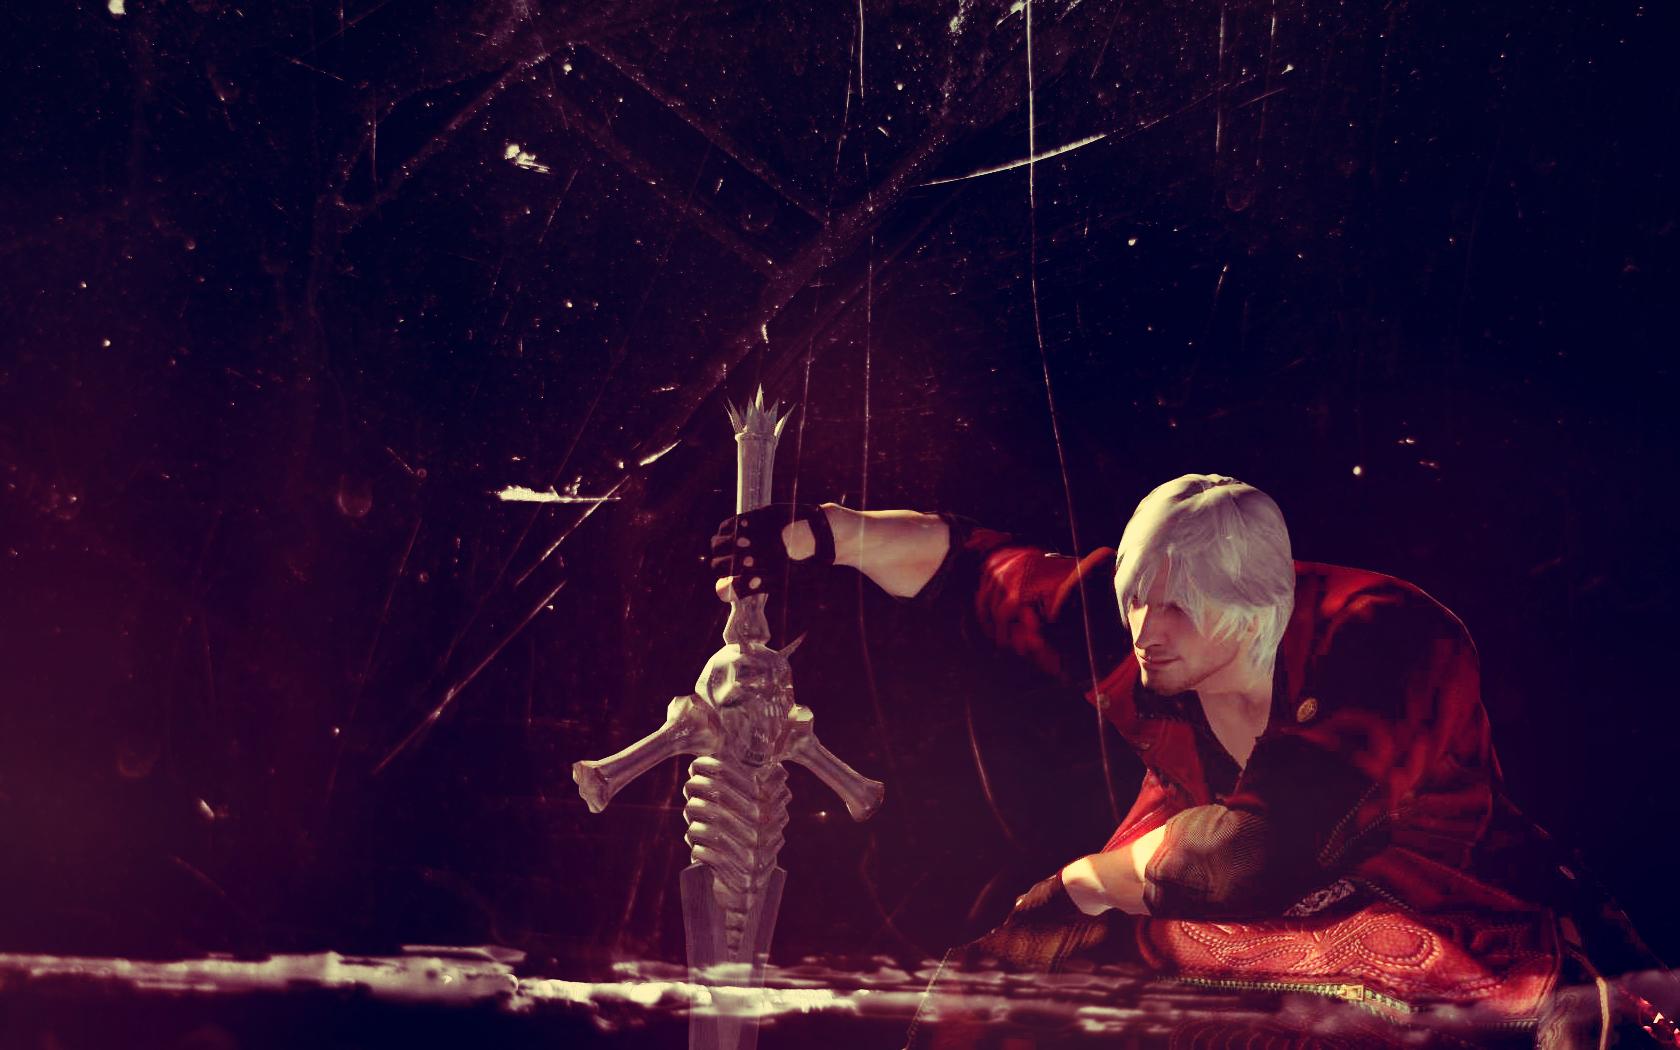 Dante Devil May Cry Wallpaper 30033454 Fanpop